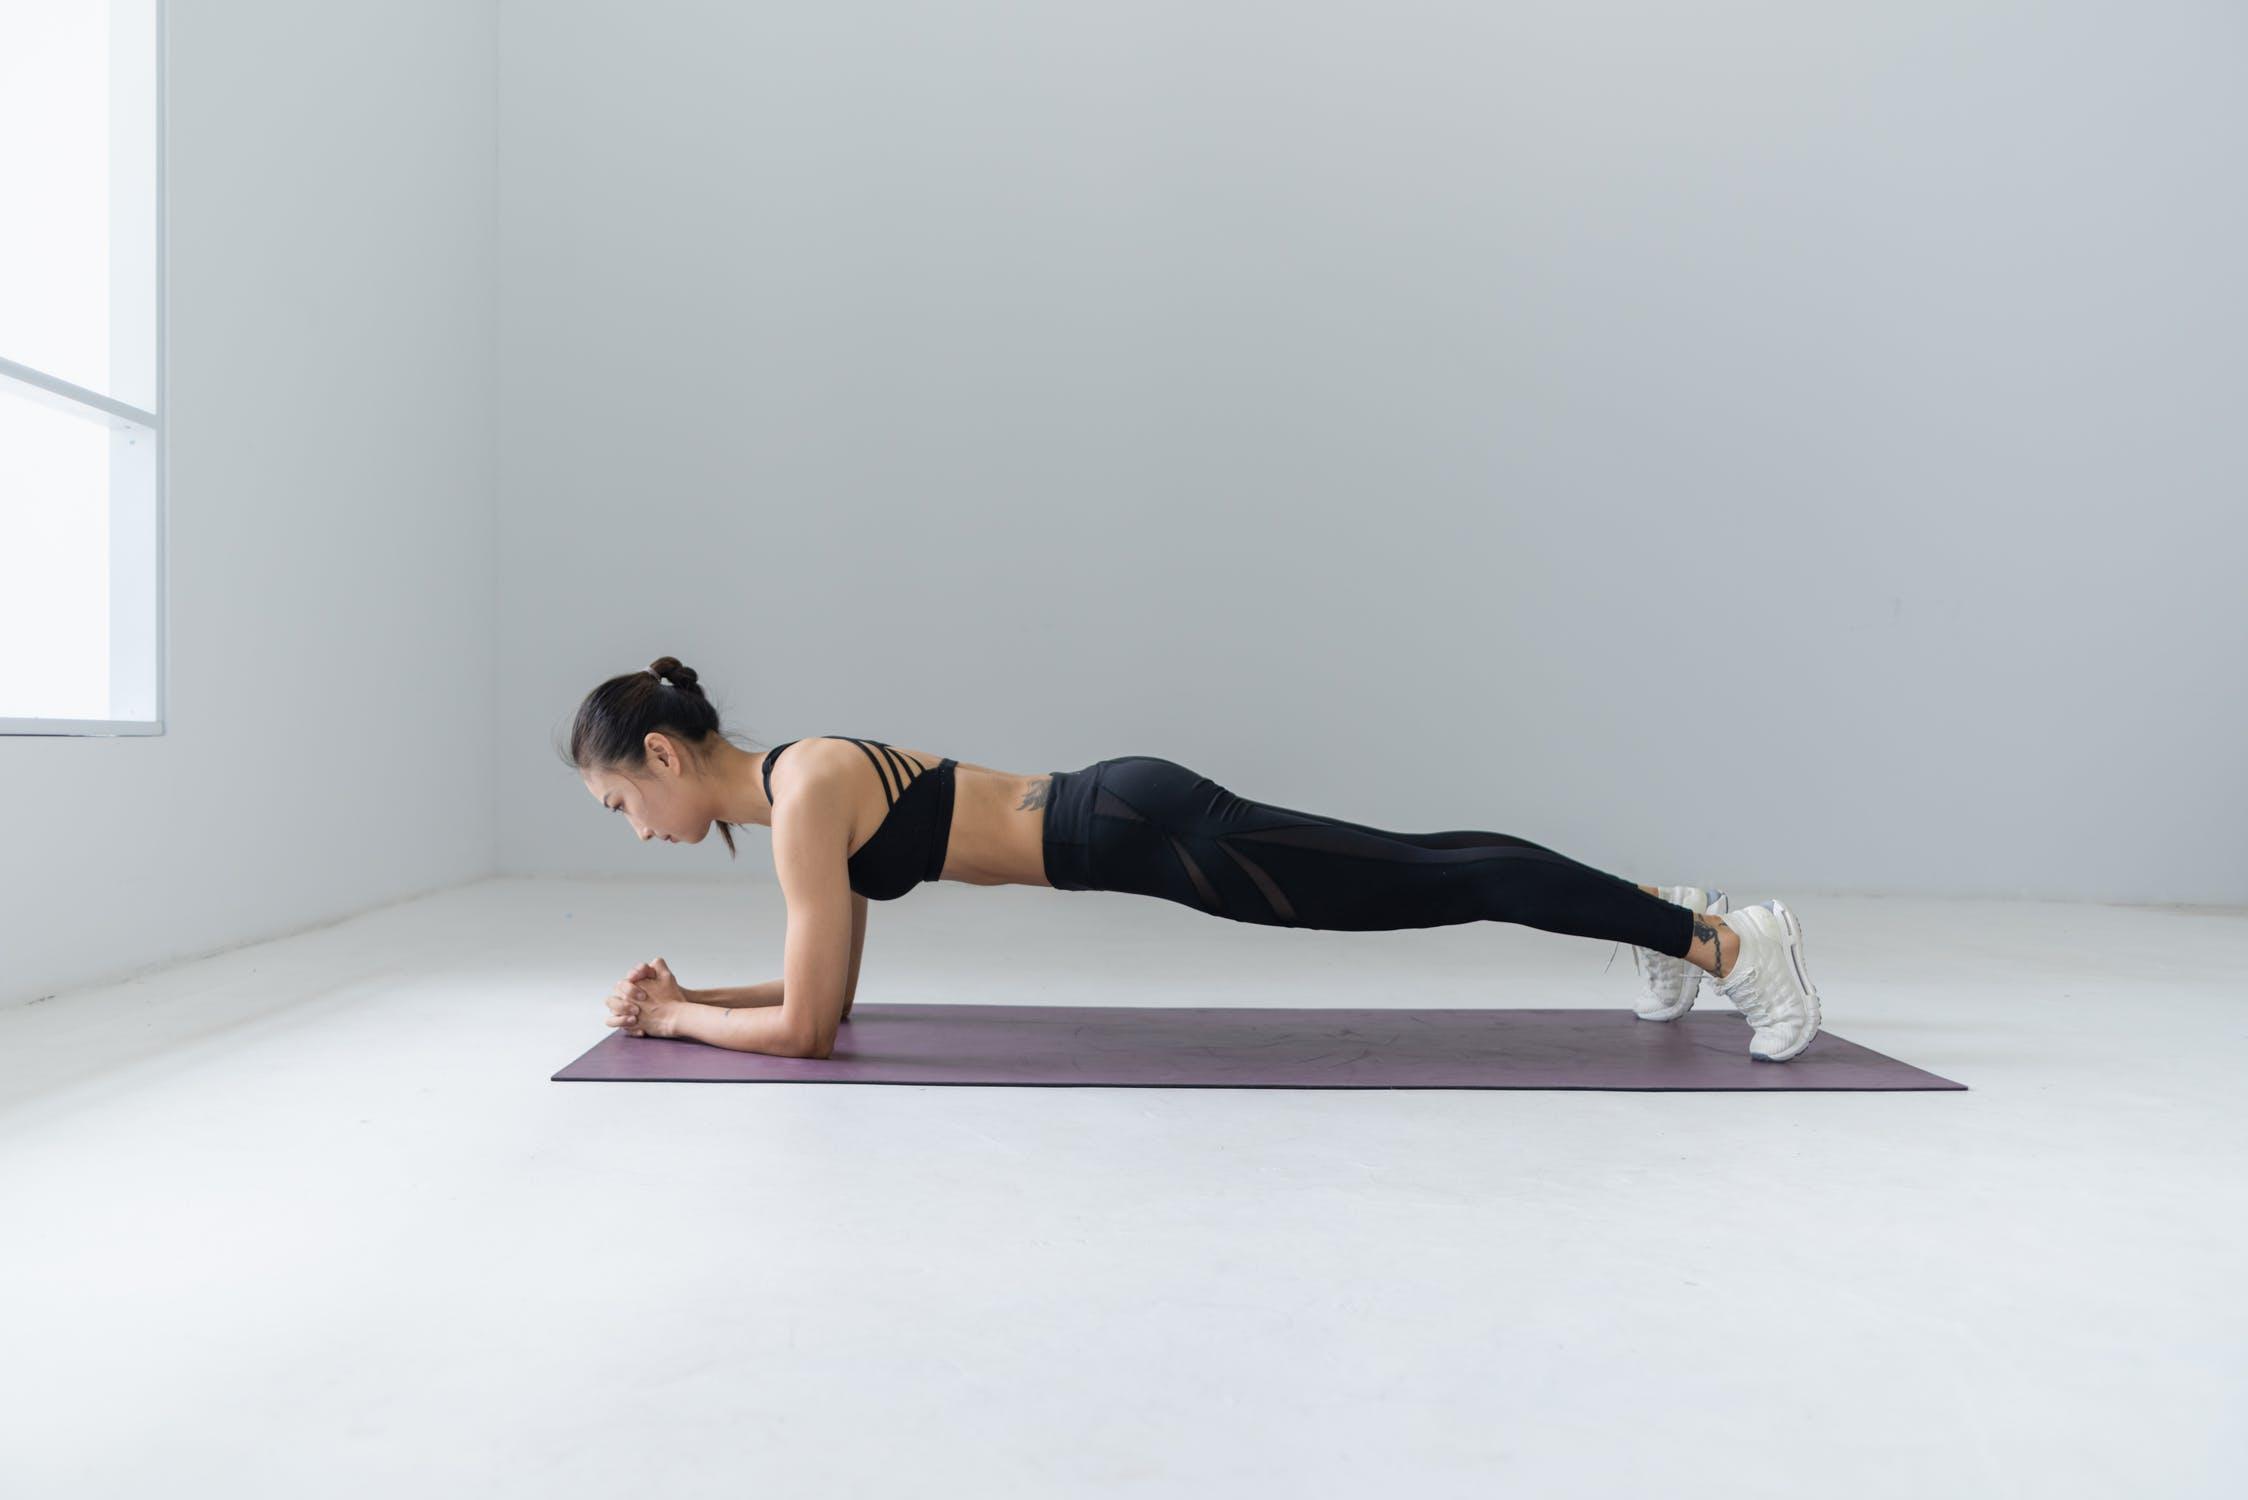 ท่าแพลงค์ (plank)